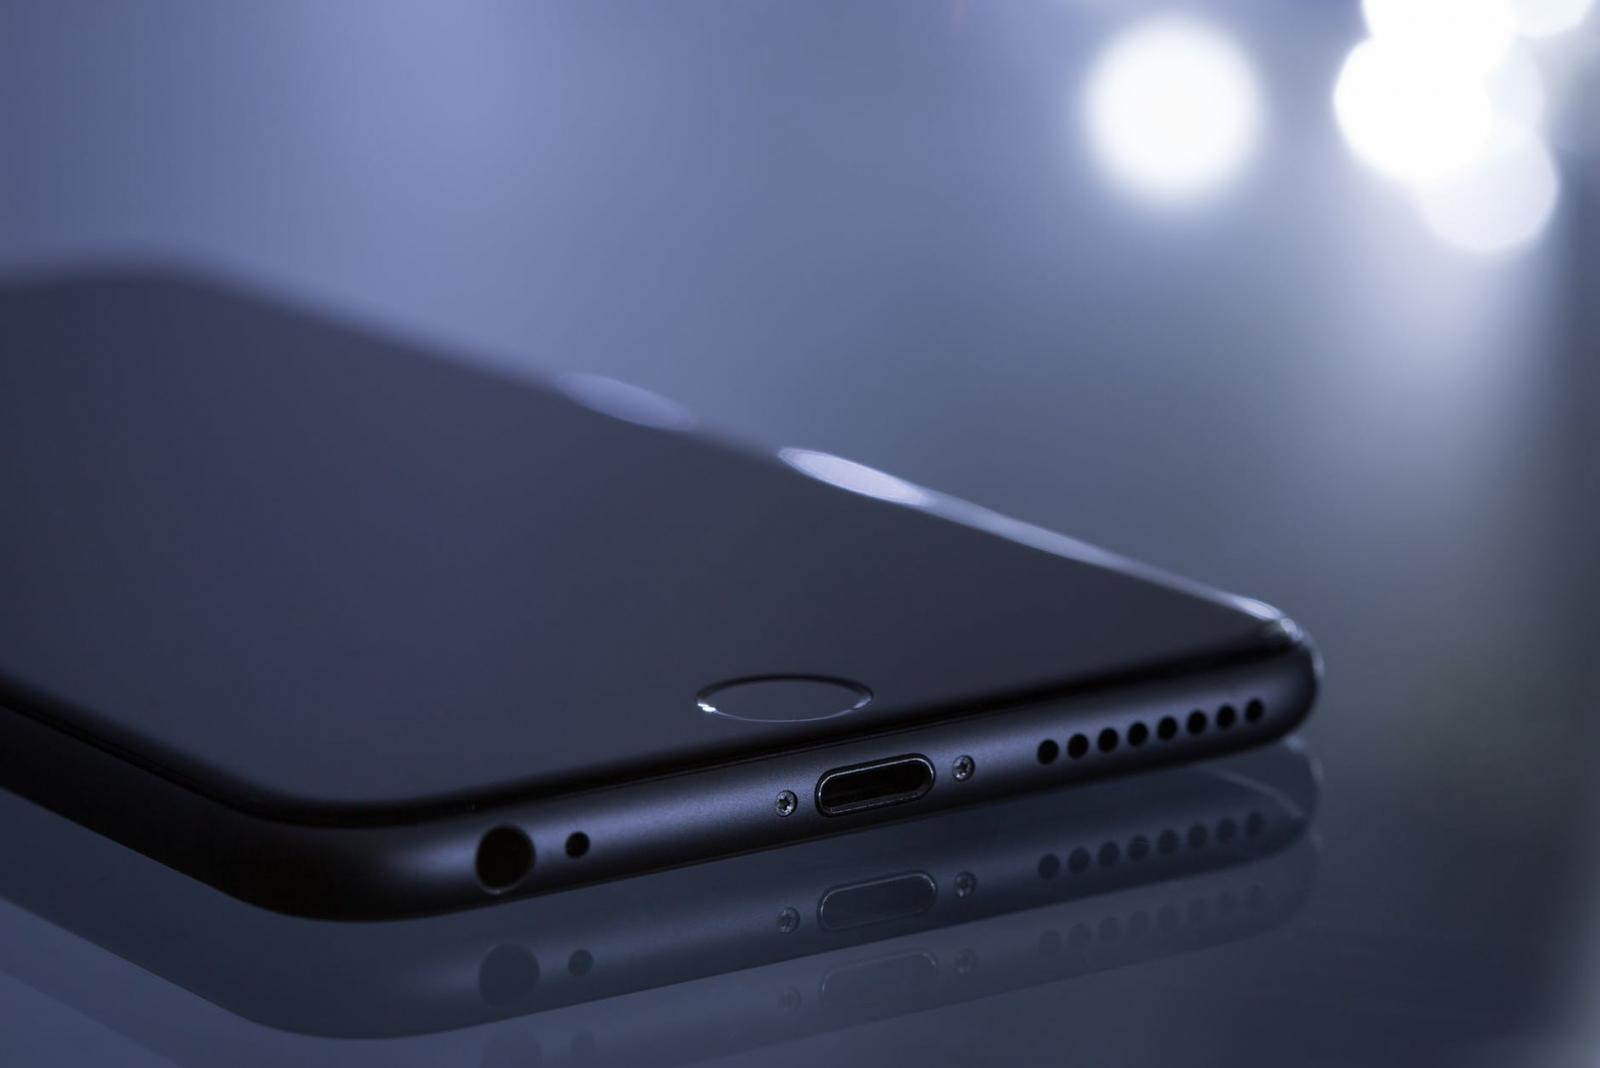 【快訊】Android 平價機挫咧蛋?史上最便宜5G iPhone 傳明年發布